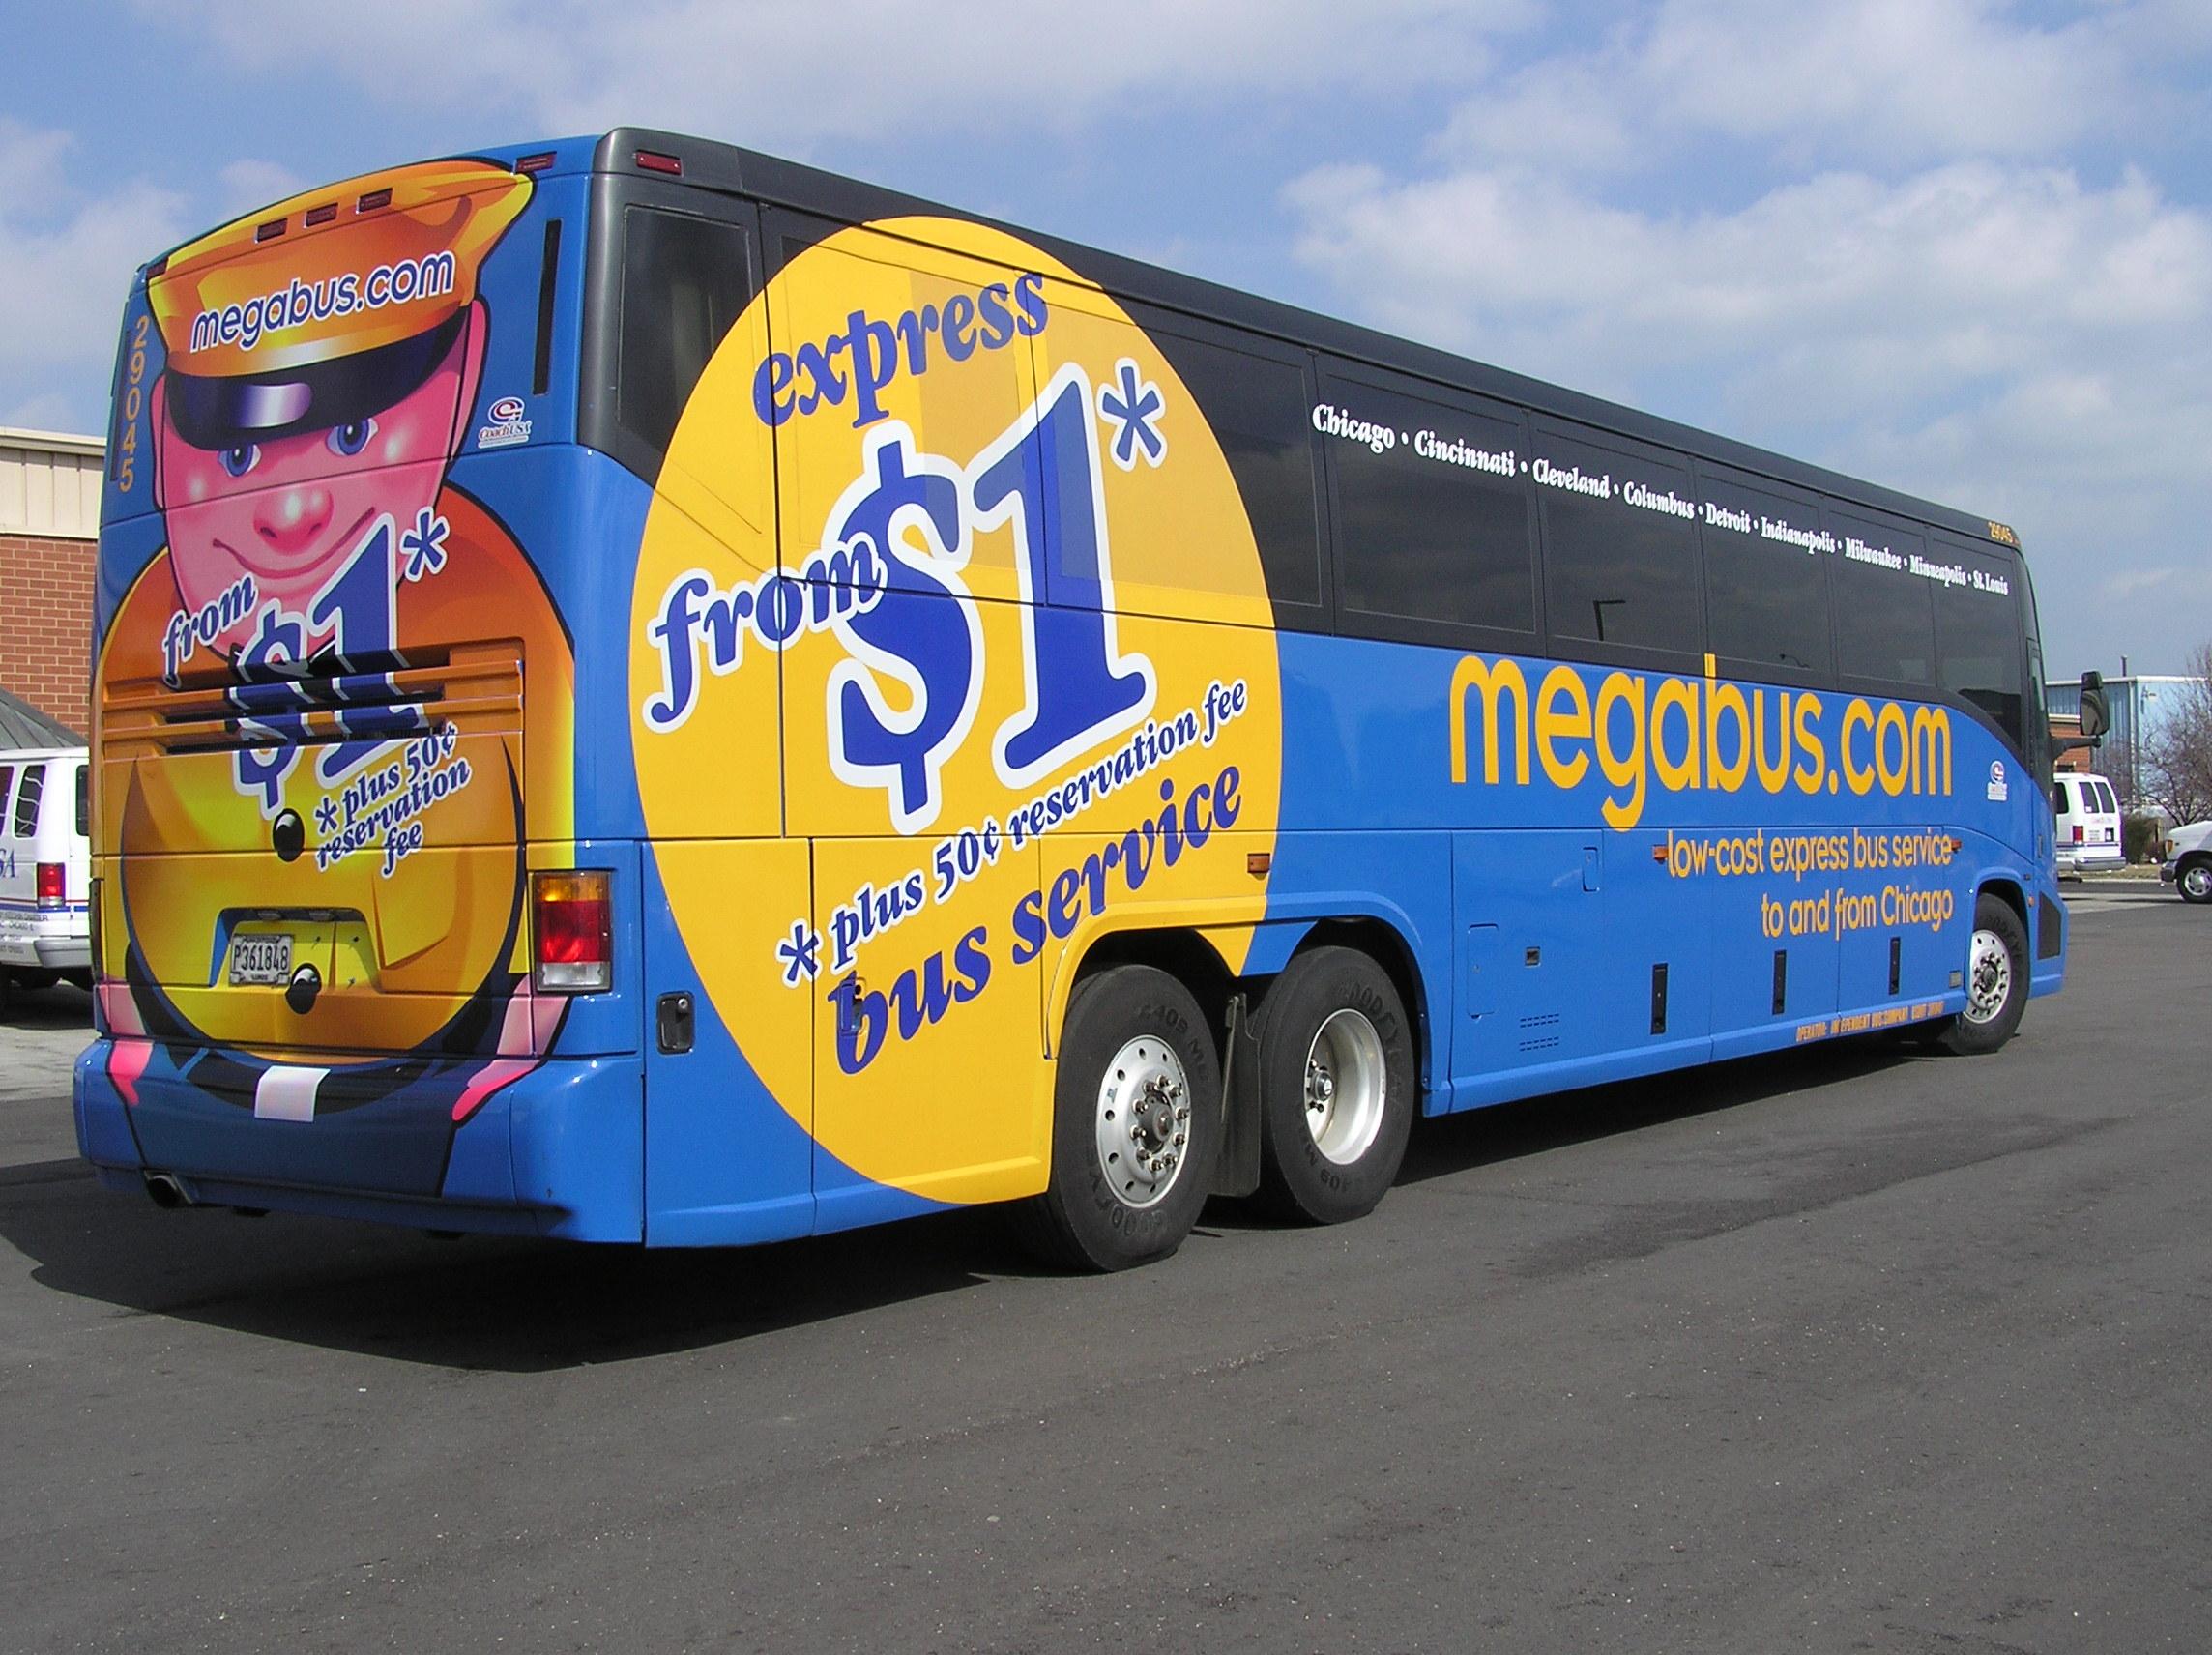 Nuevo servicio de buses: Por solo un dólar puede ir a Orlando o Tampa